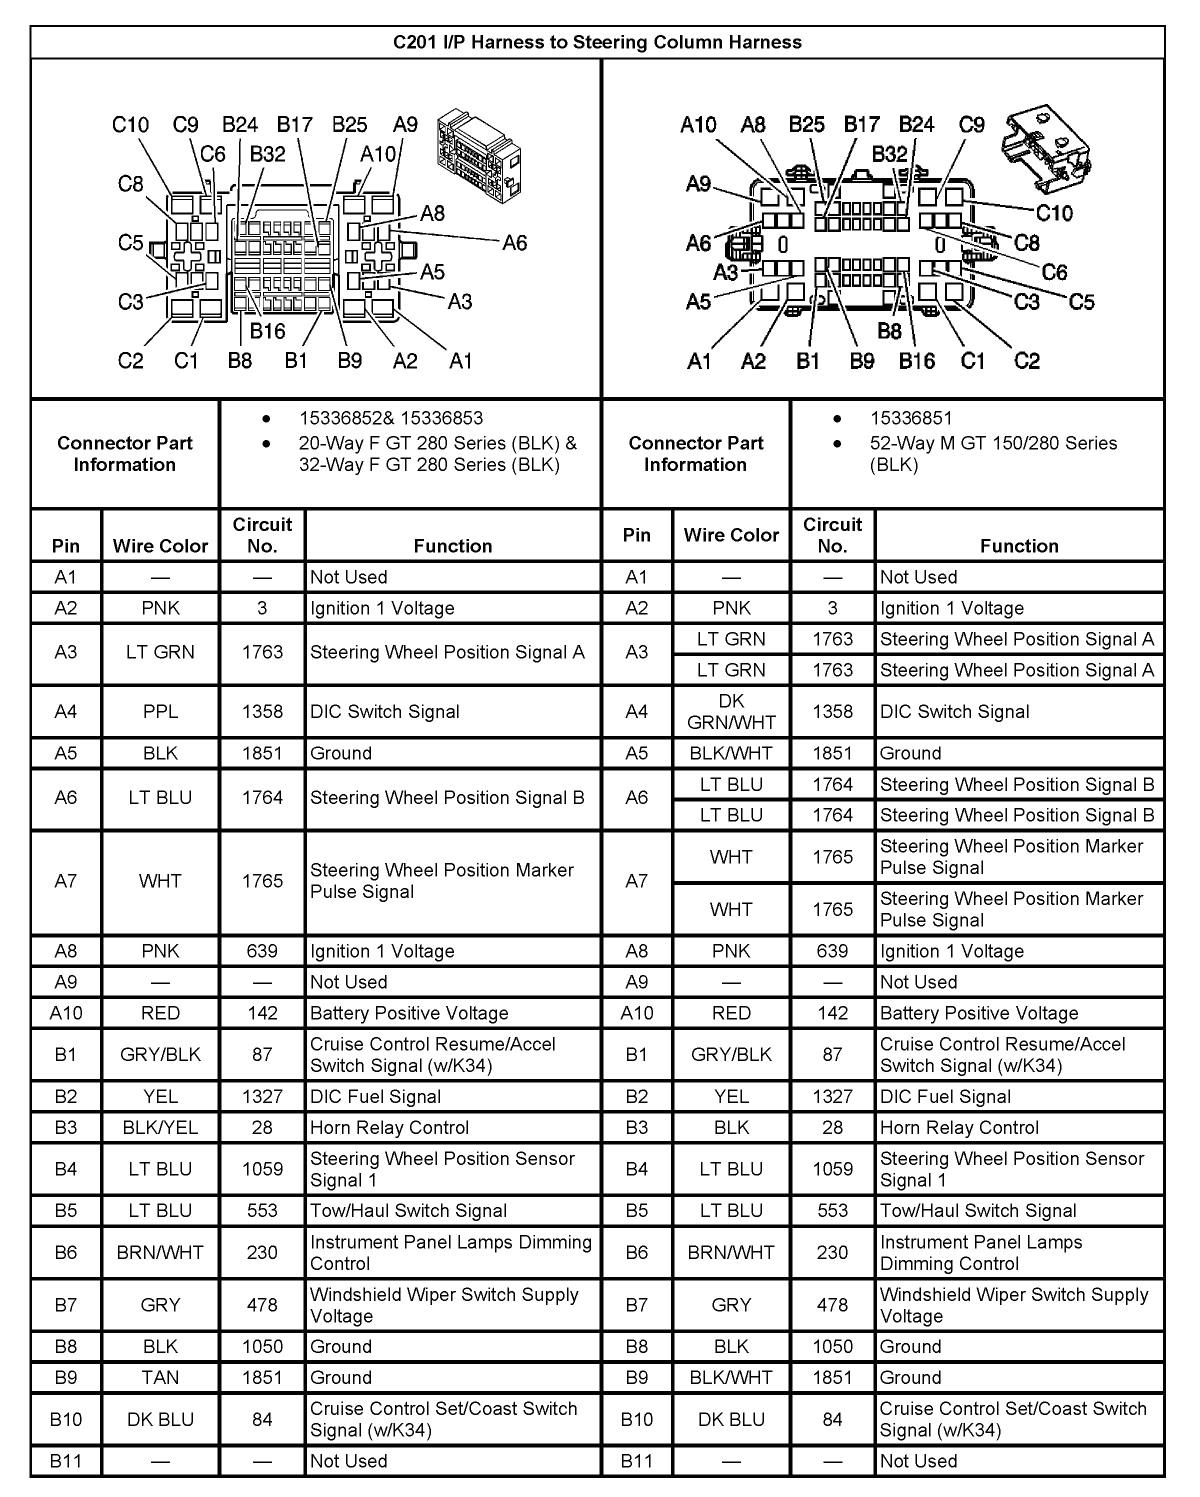 2008 silverado head unit wiring further 2005 chevy impala radio 2005 chevy impala radio wiring harness diagram 2005 chevy impala wiring harness